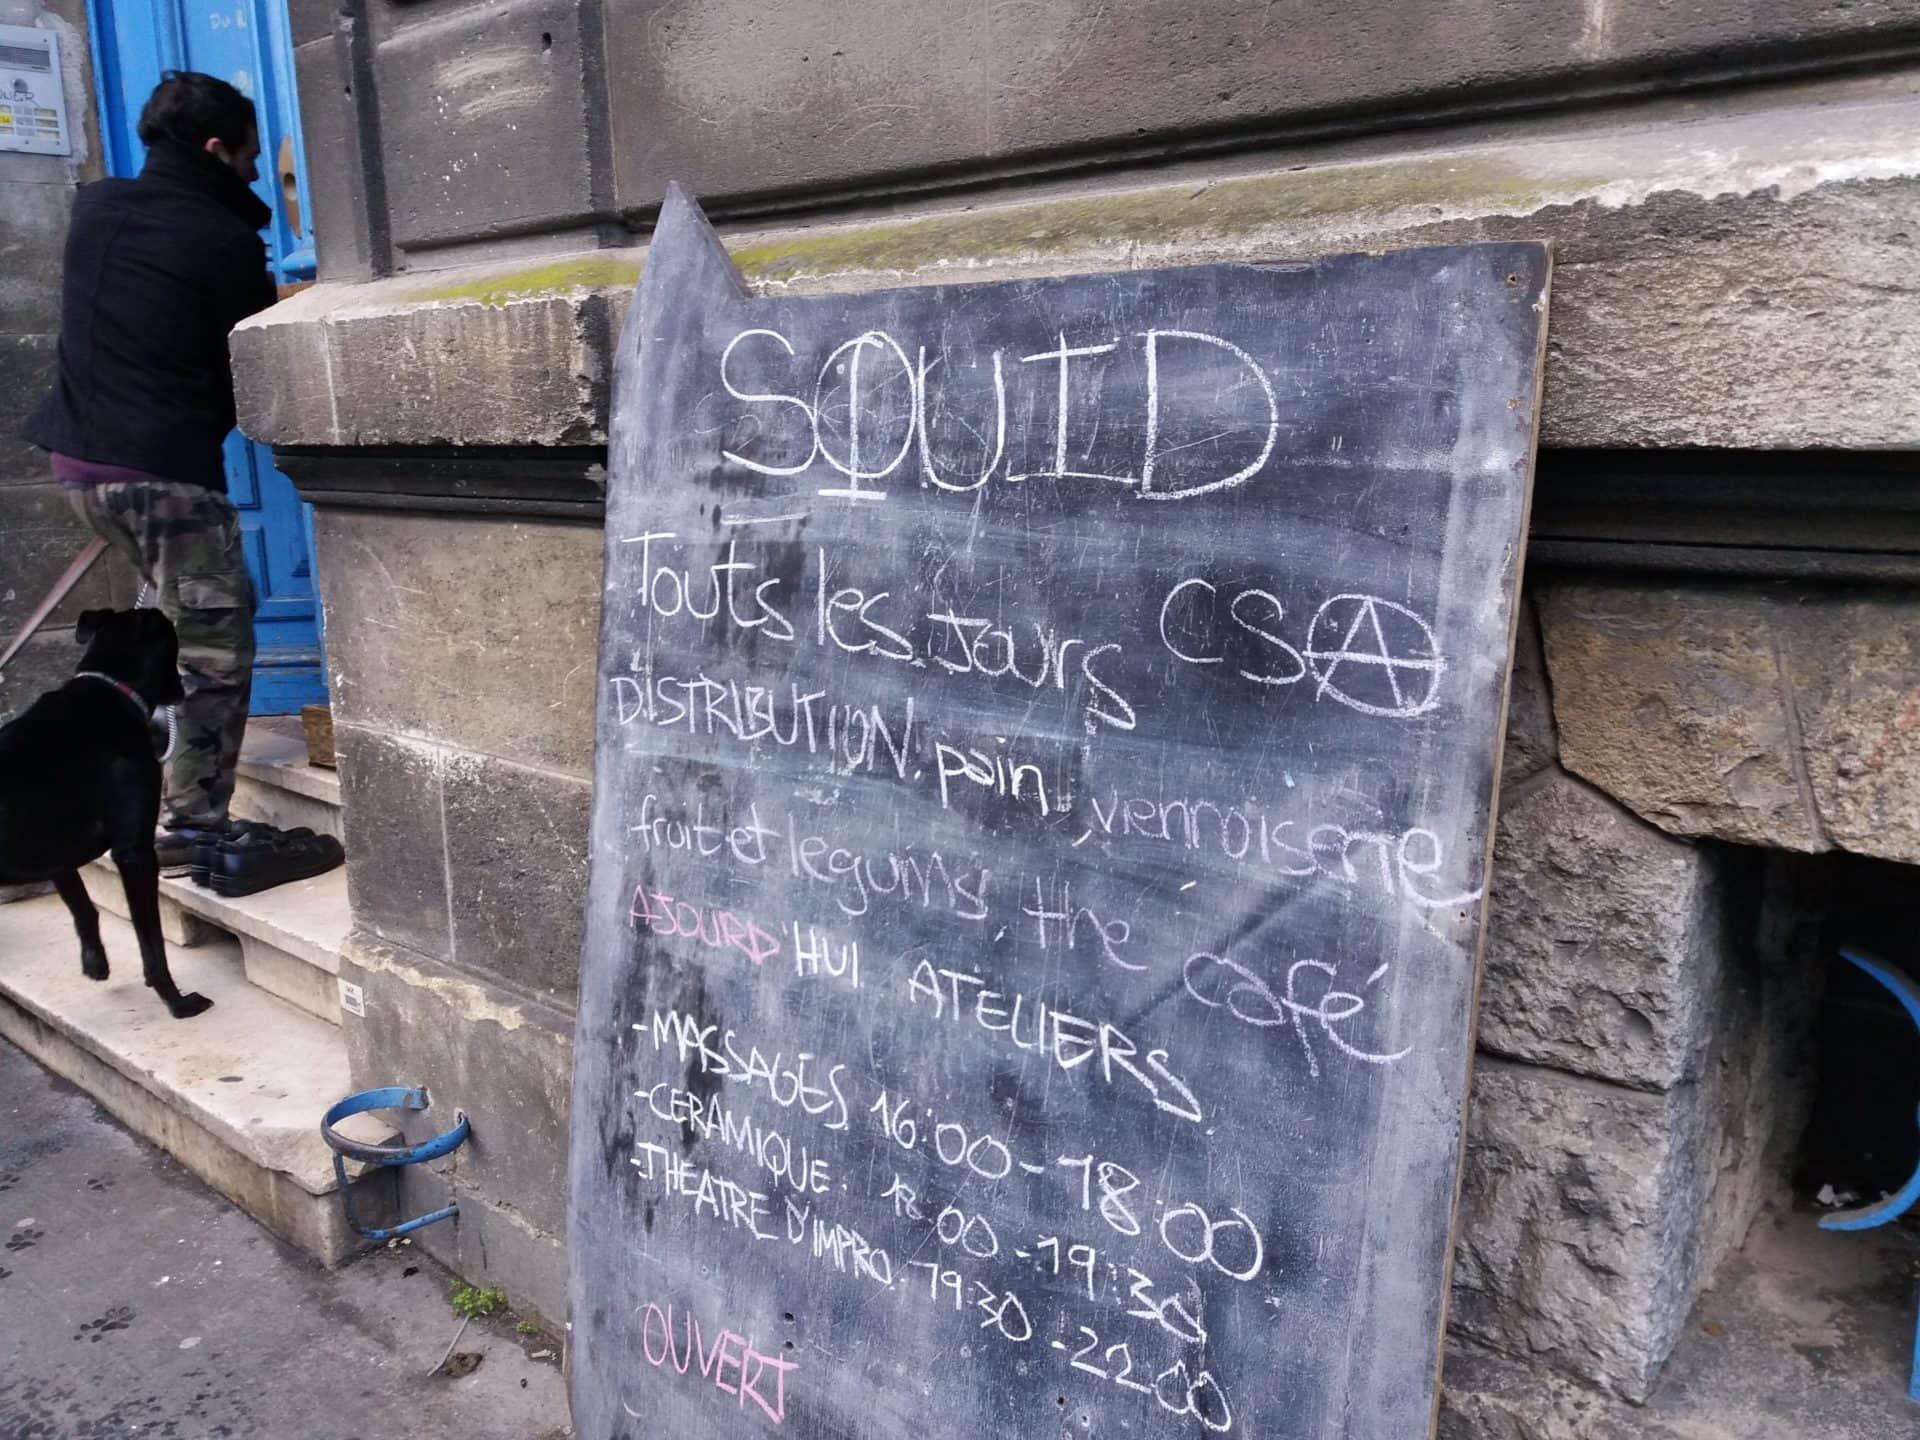 Squat et centre social autogéré le Squid secoue les autorités